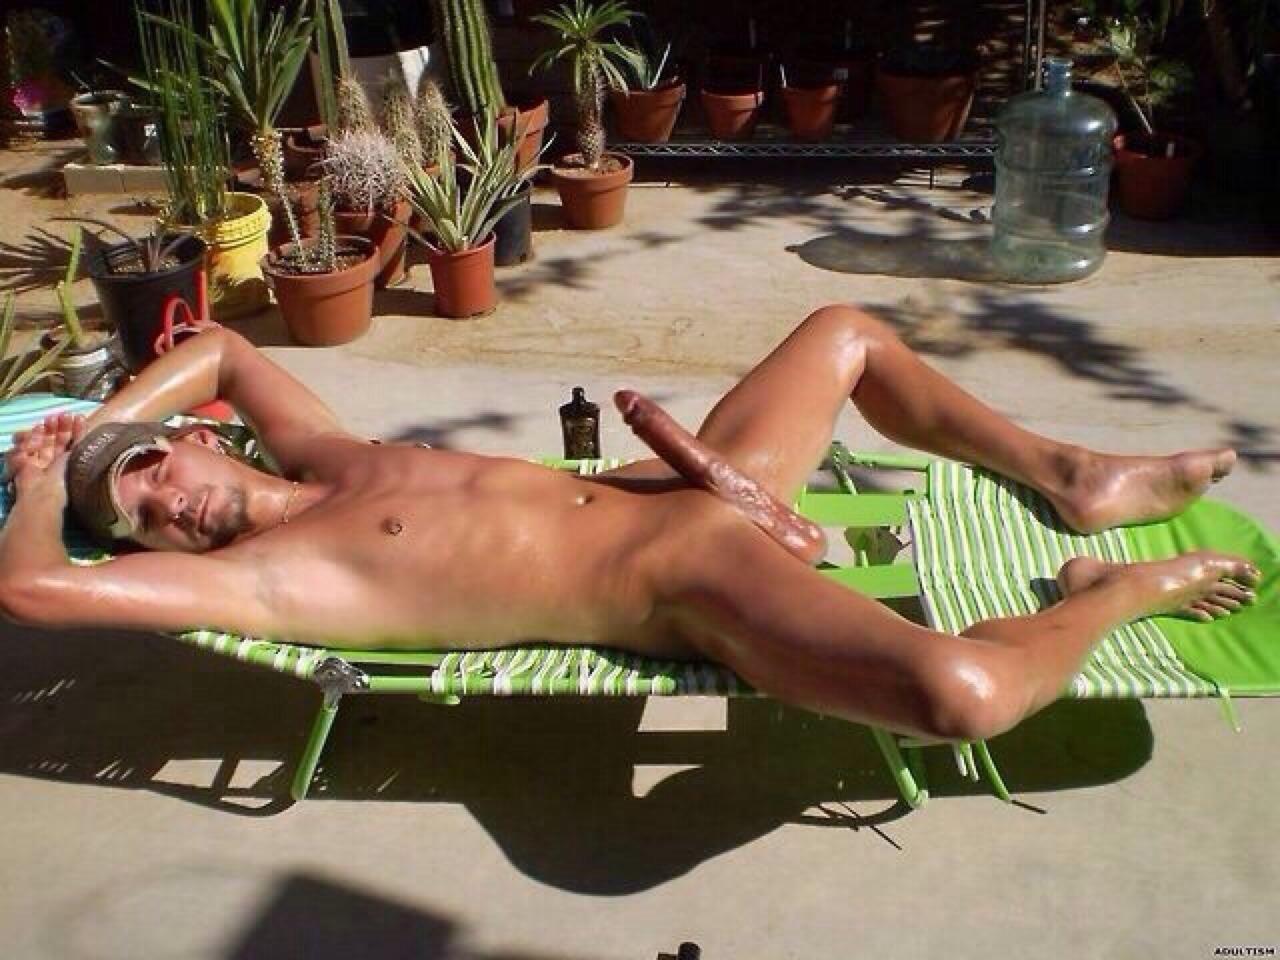 Karen bloemen naakt nudist foto